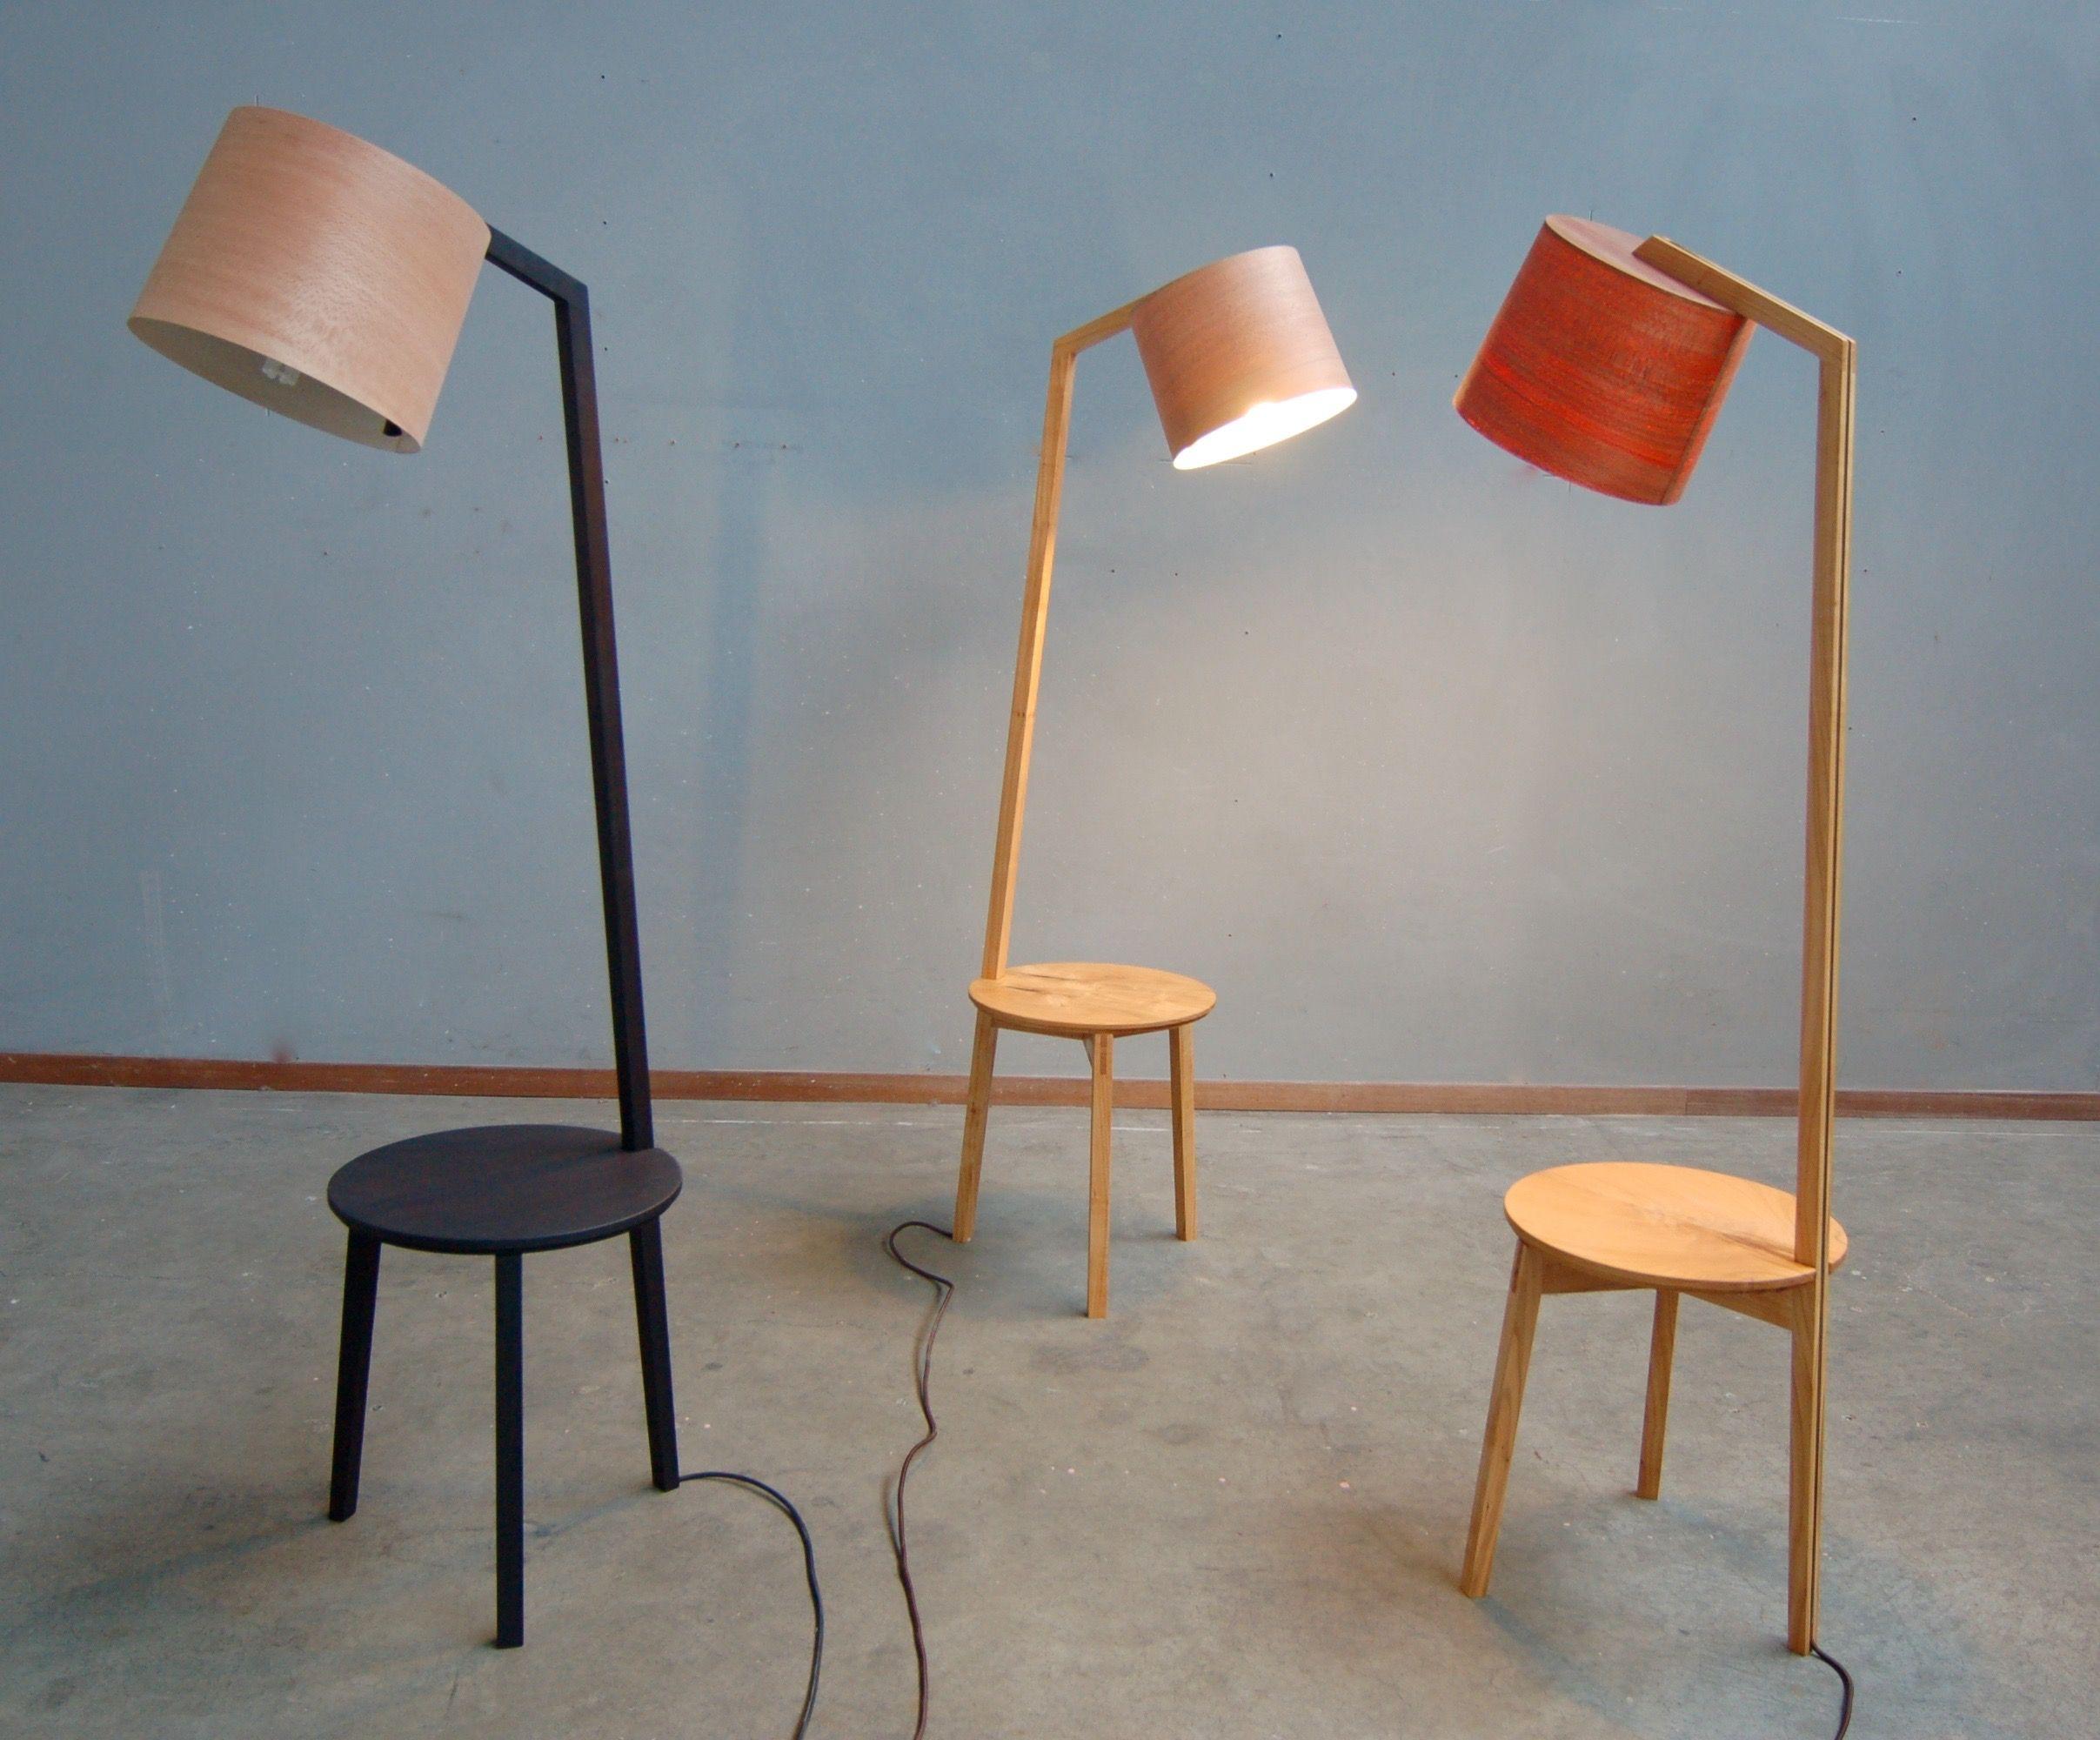 Leeslamp Met Tafeltje.Lees Lamp Tafel Lamp En Tafeltje In Een Fraai Ontwerp